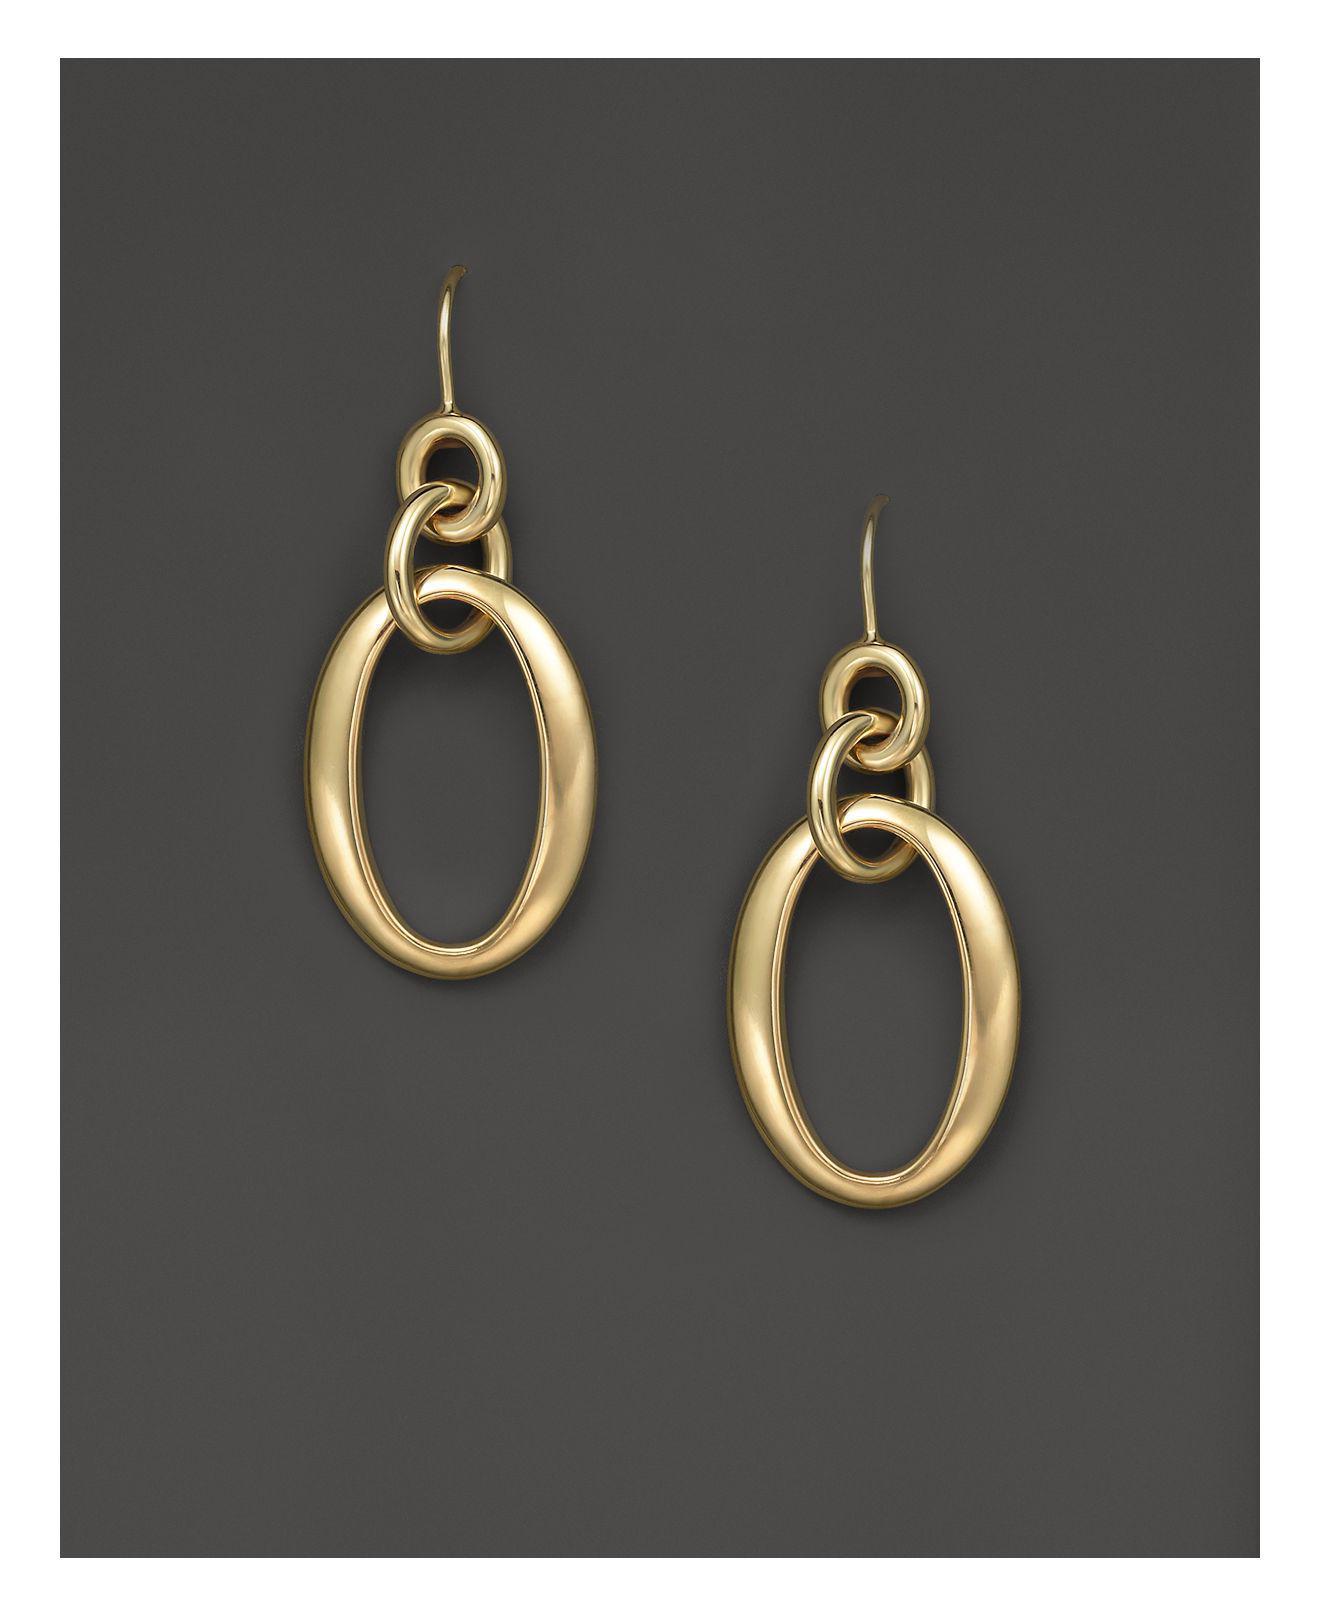 Ippolita 18k Glamazon Short Oval Link Earrings Lj2SF7Lj9a